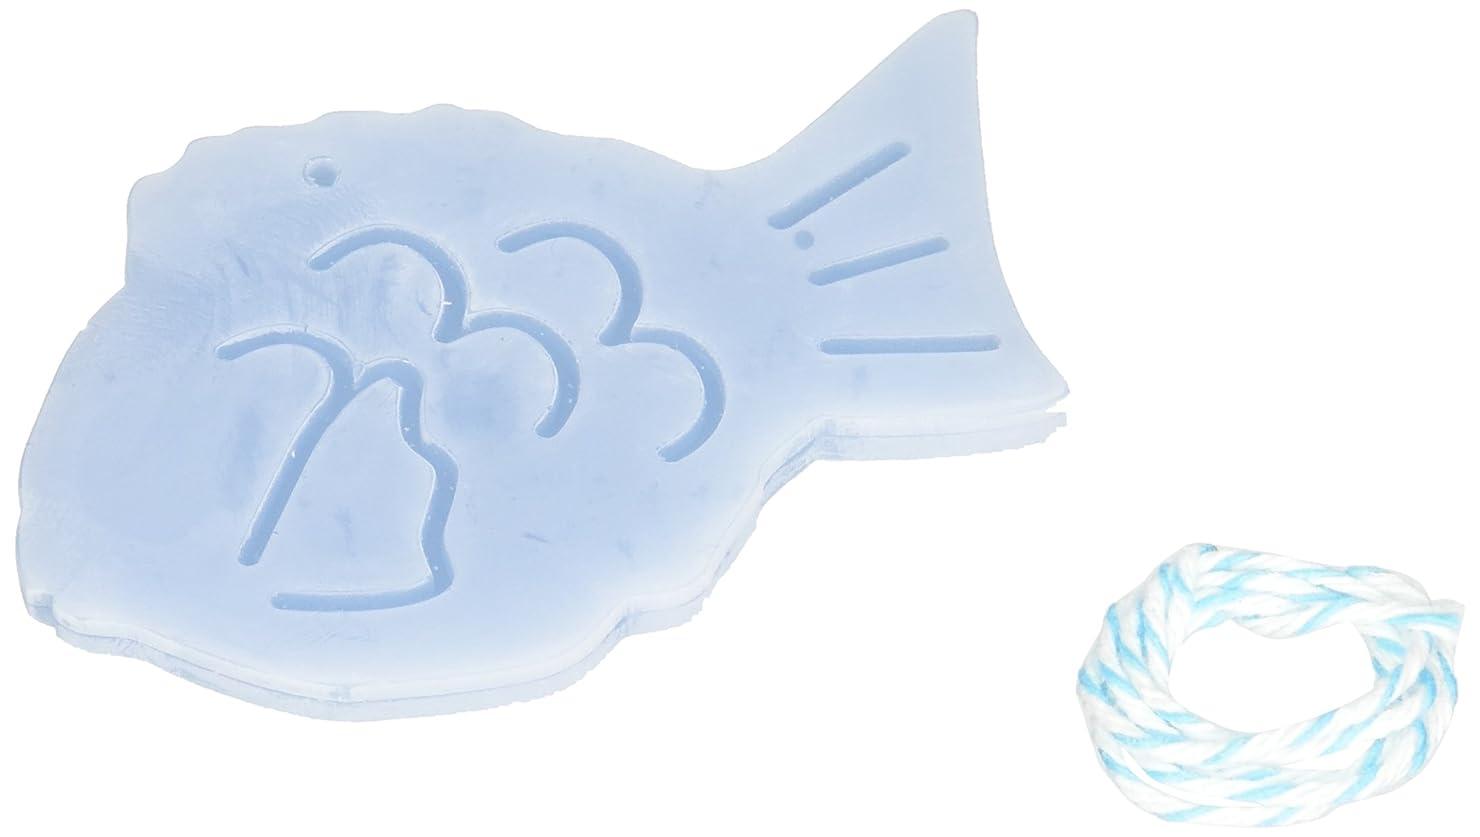 ブート海港体細胞GRASSE TOKYO AROMATICWAXチャーム「鯛」(BL) ローズマリー アロマティックワックス グラーストウキョウ